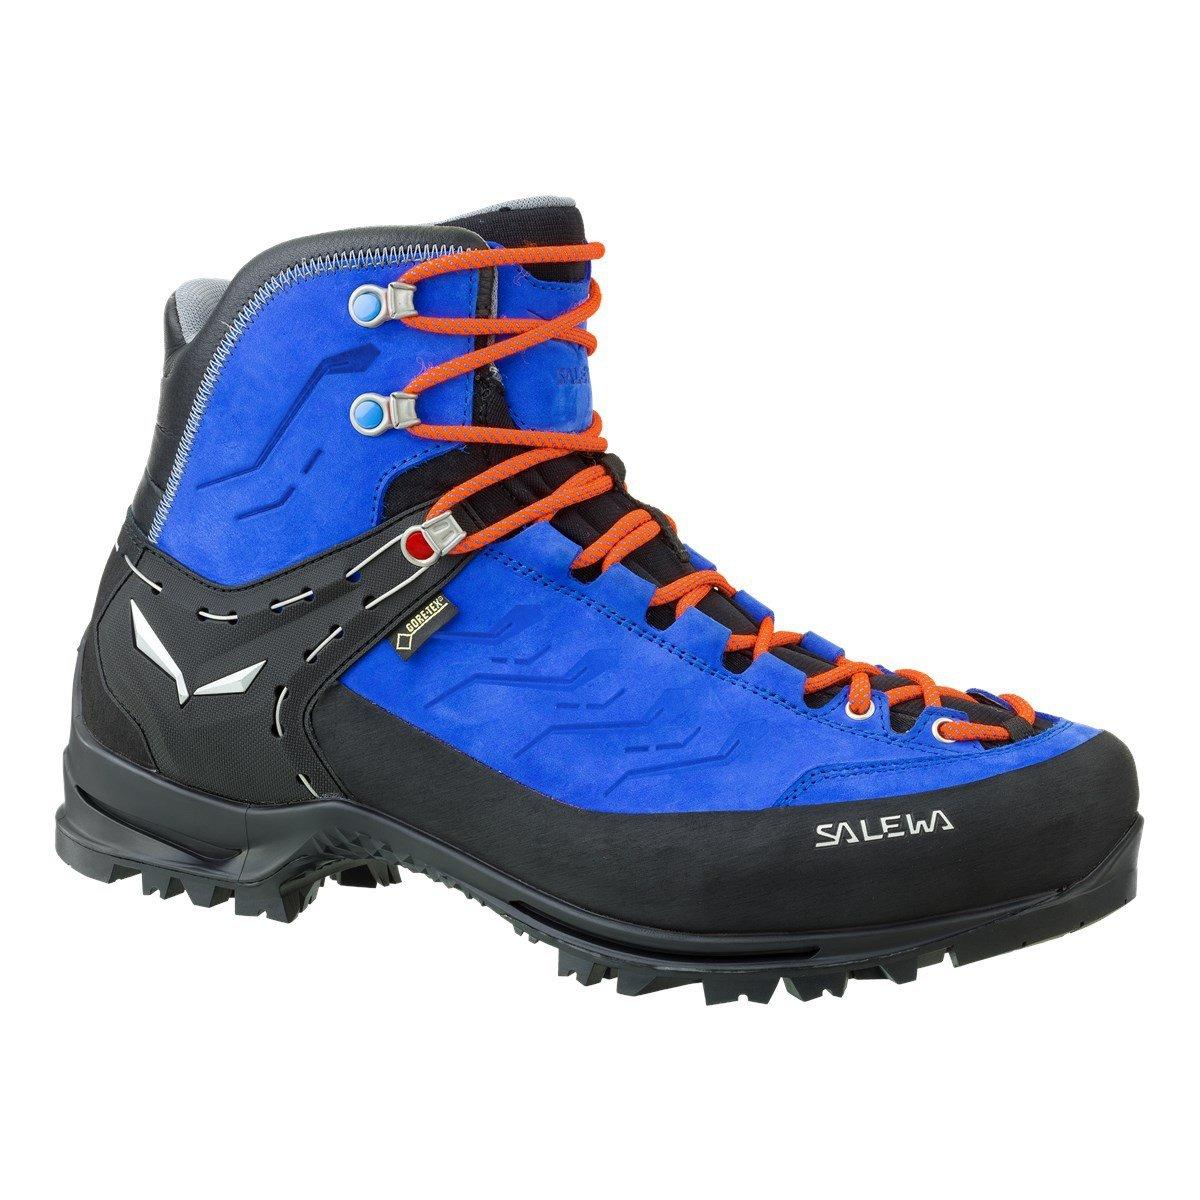 SALEWA Ms Rapace Rapace Rapace GTX, Stivali da Escursionismo Alti Uomo   Buon design    Maschio/Ragazze Scarpa  241a88